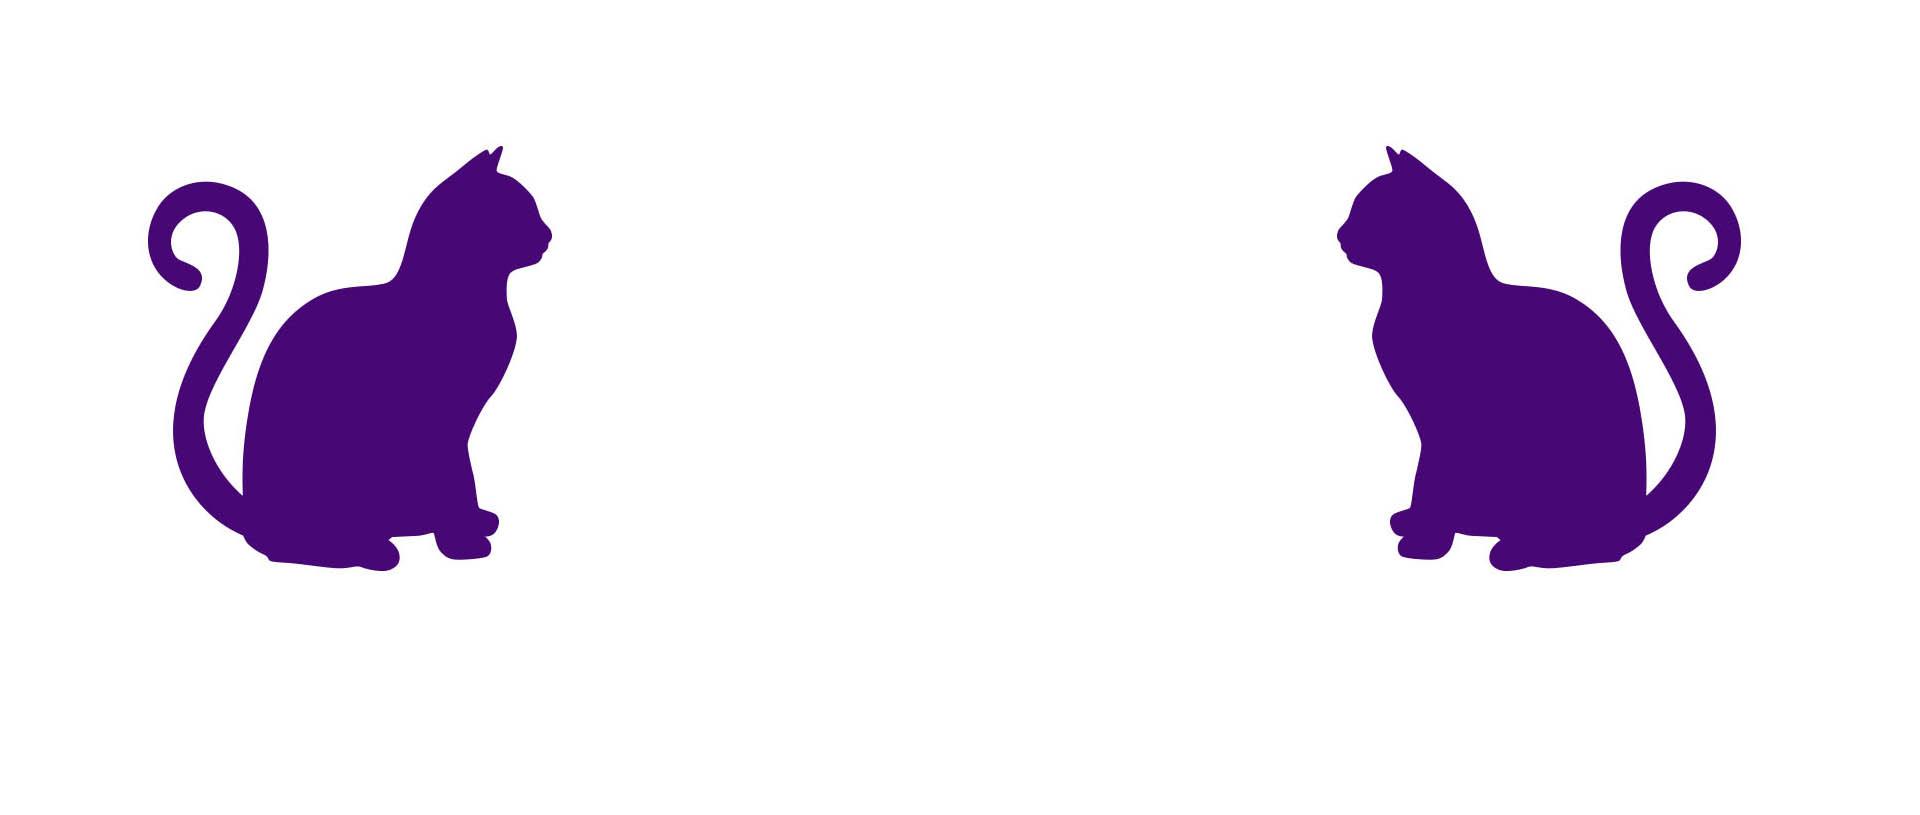 Purple cats